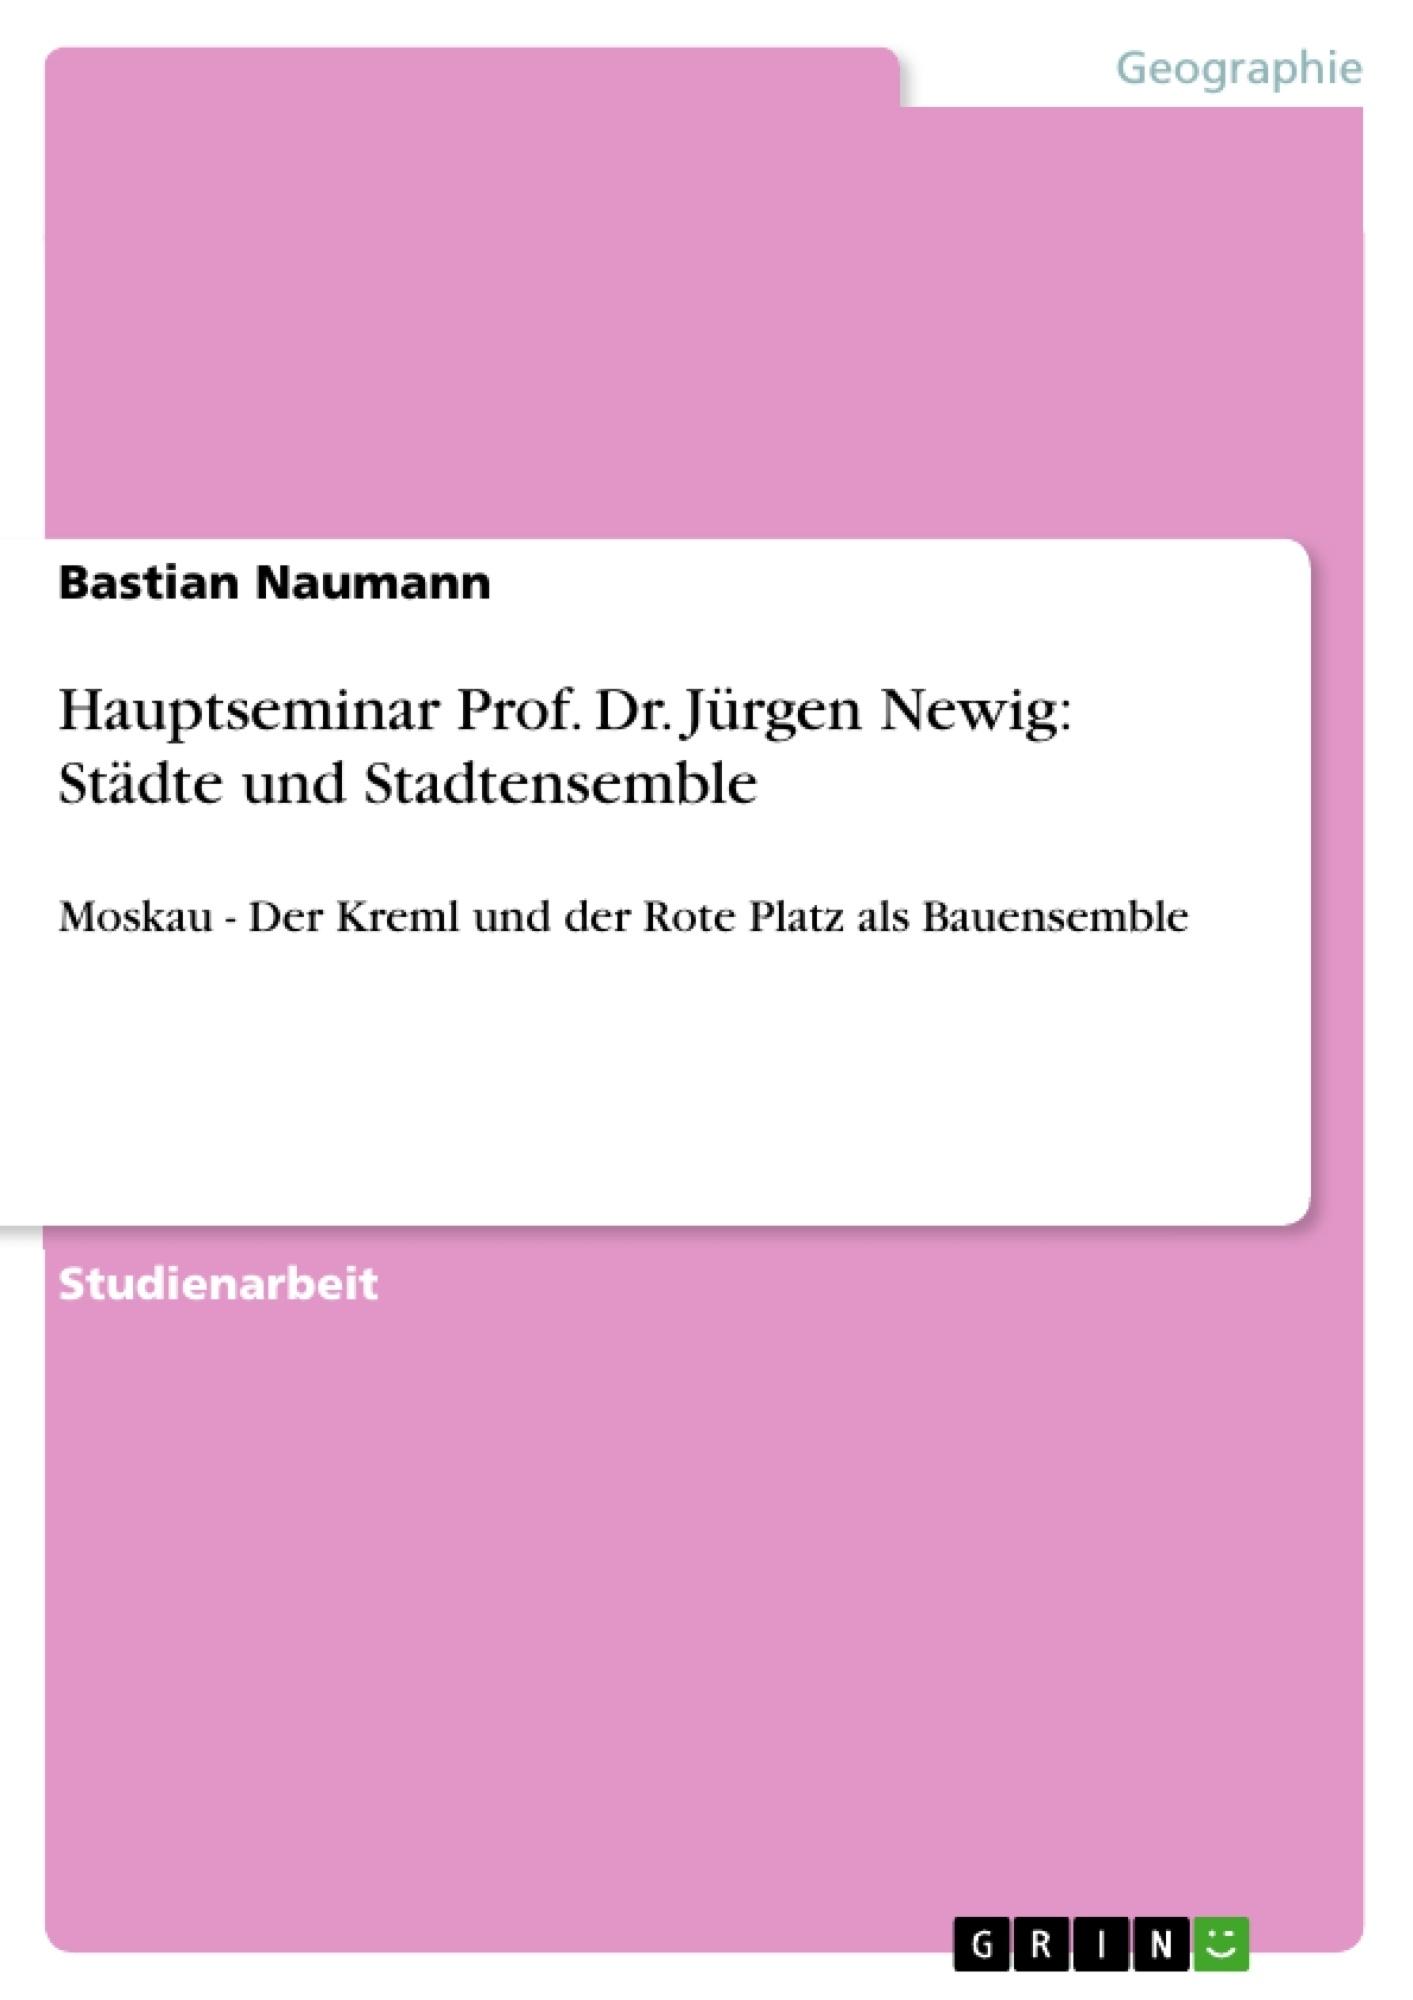 Titel: Hauptseminar Prof. Dr. Jürgen Newig: Städte und Stadtensemble